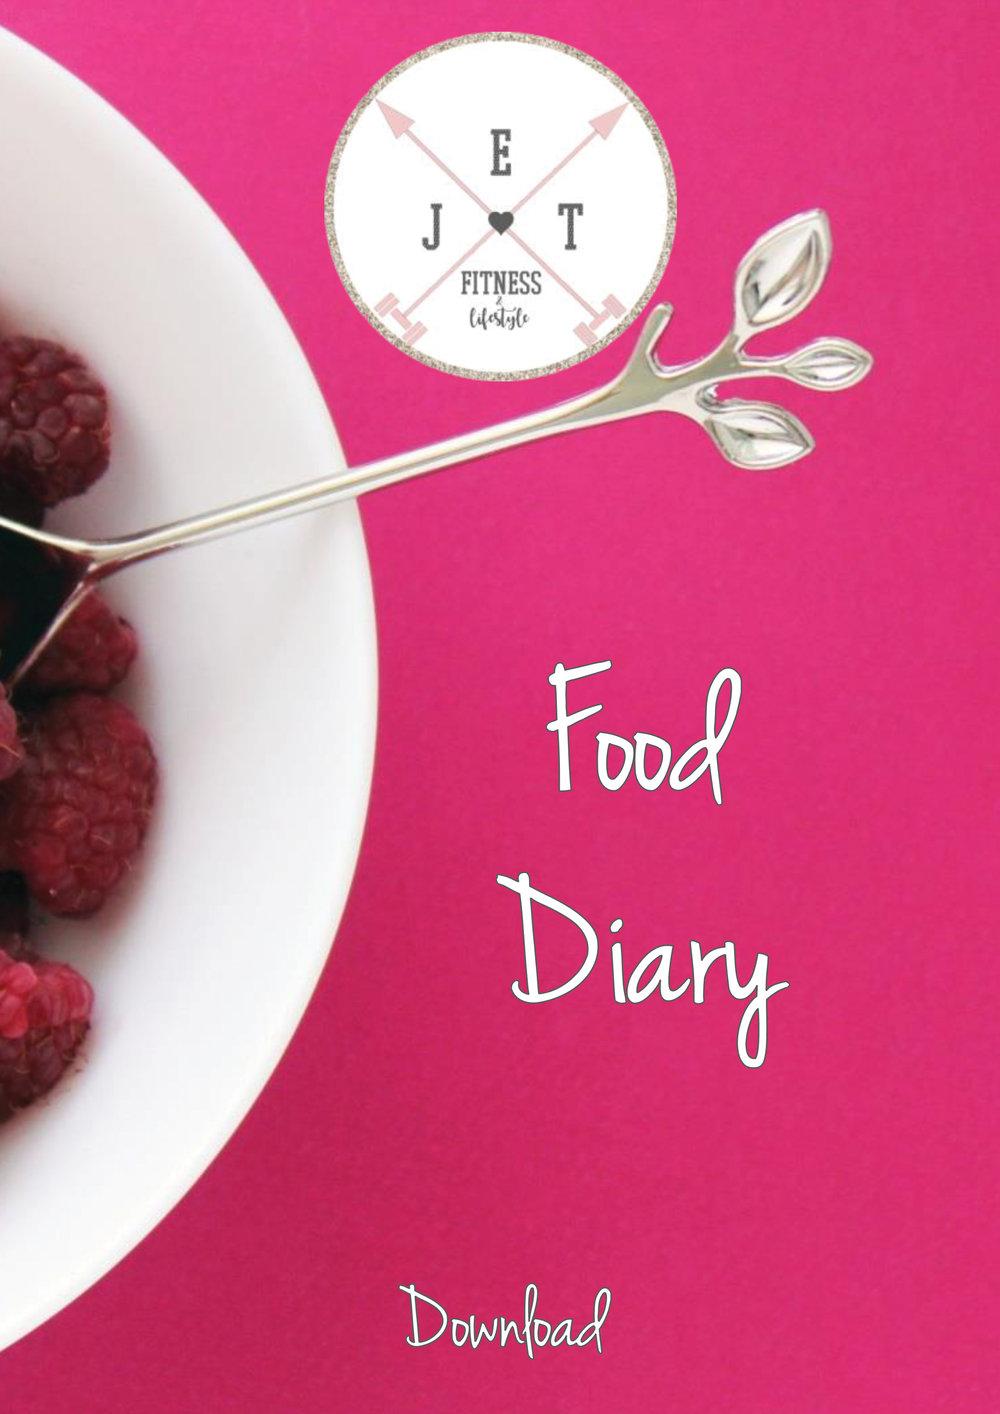 Food diary download.jpg